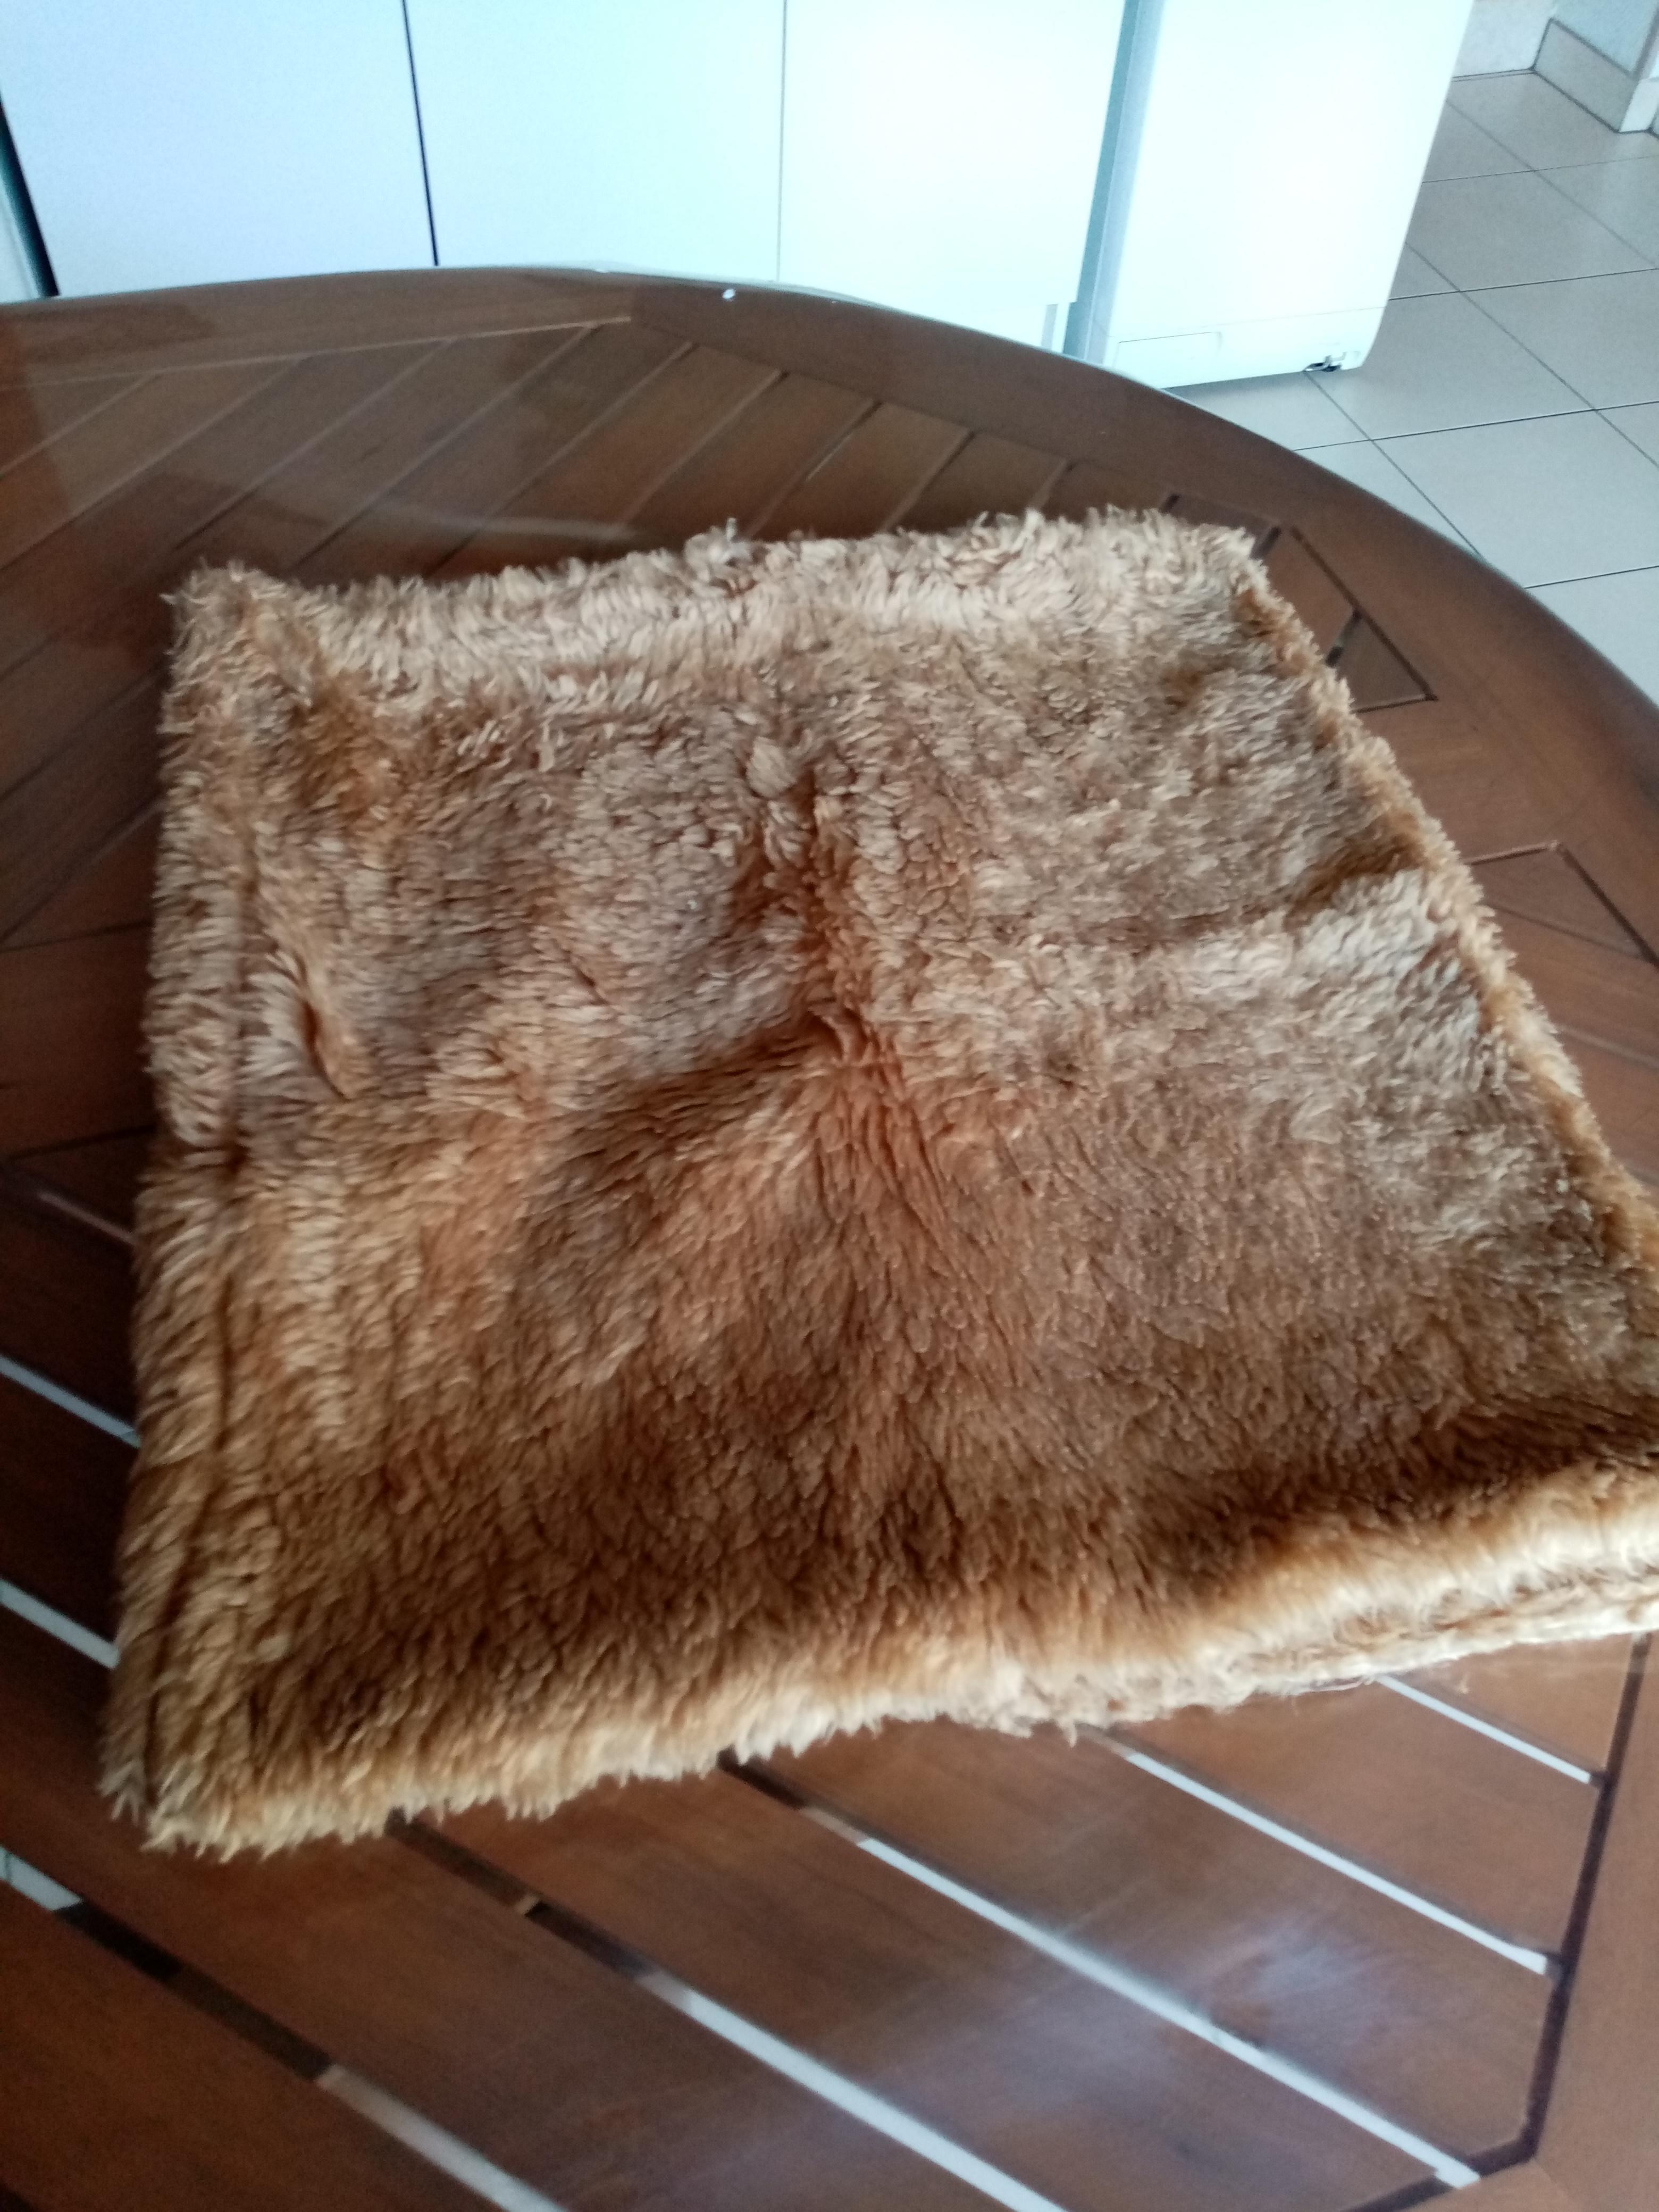 troc de troc 2 housses de coussins fourrure acrylique        6  noisettes image 0